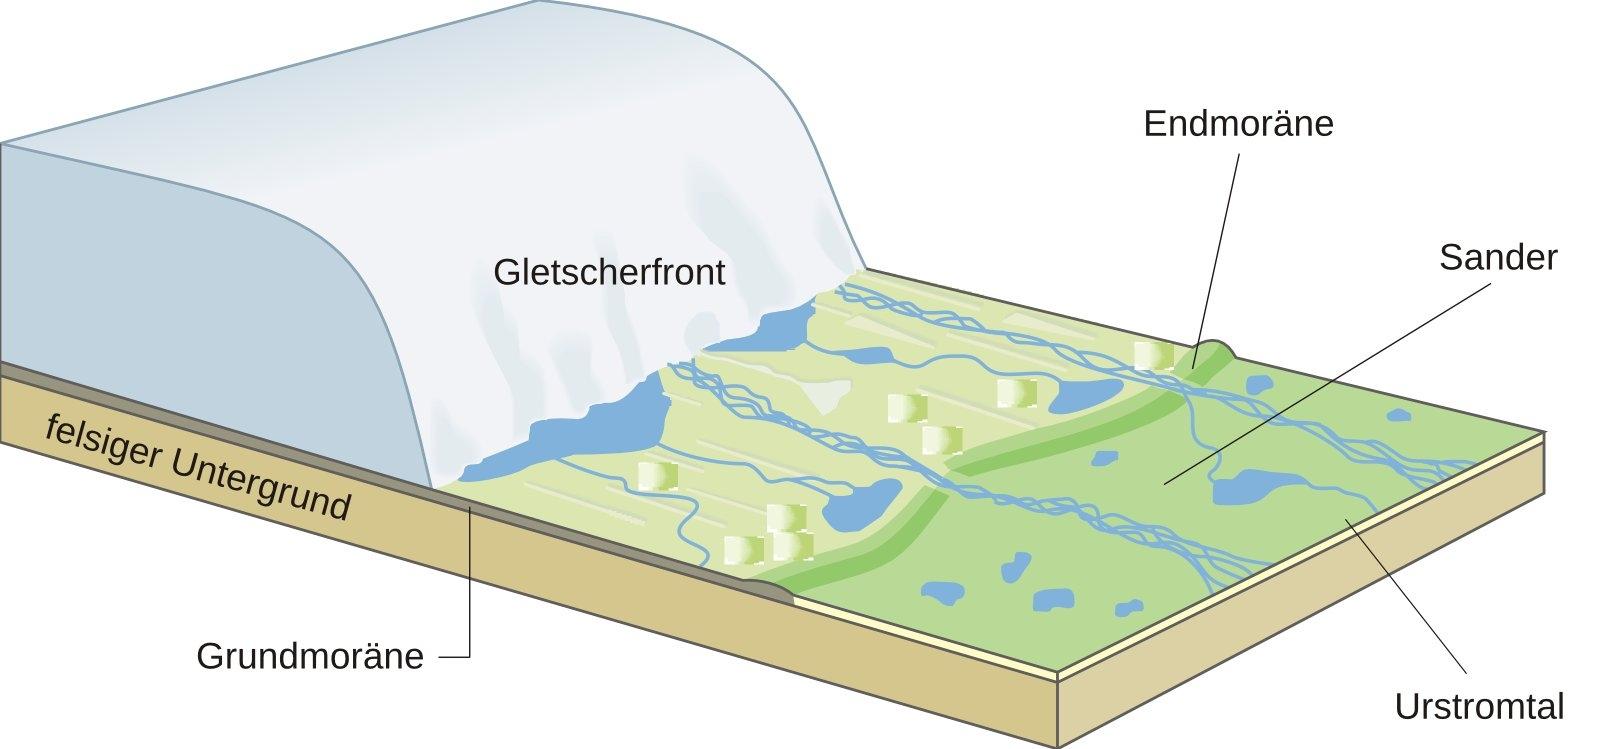 bildliche Darstellung der Glazialen Serie